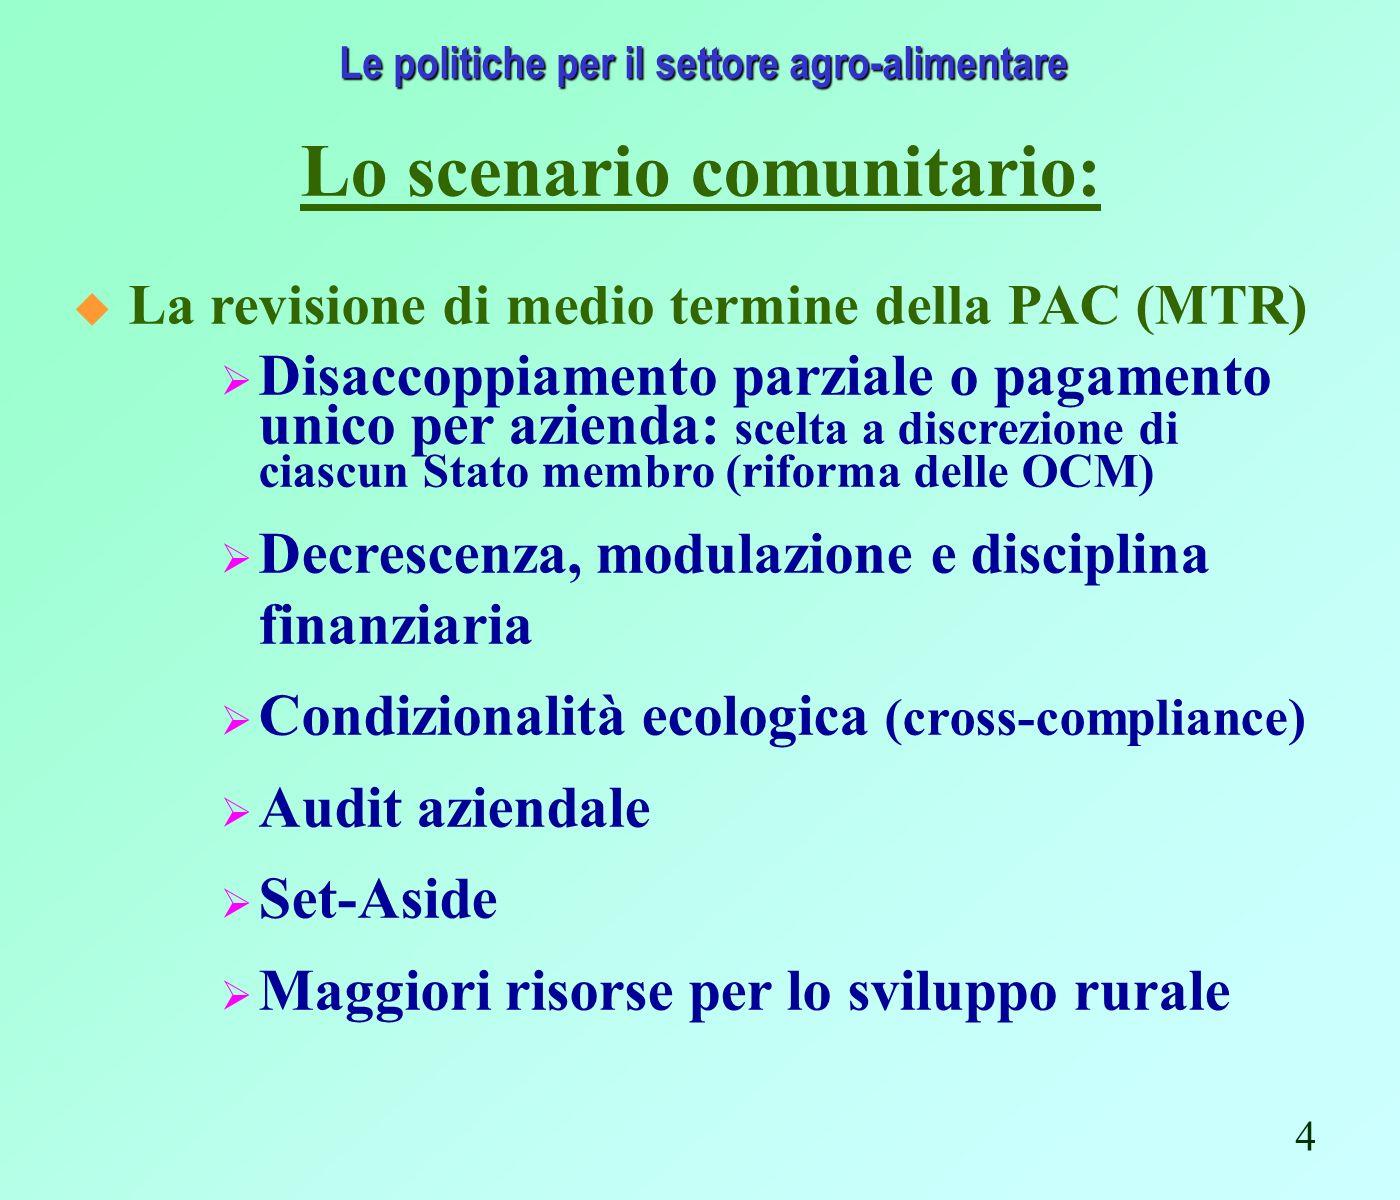 Lindustria alimentare ( Censimento Industria e Servizi 2001) Unità locali: confronto 1991 – 1996 – 2001 Fonte: Istat, Censimento Industria e Servizi 1991, 1996, 2001 35